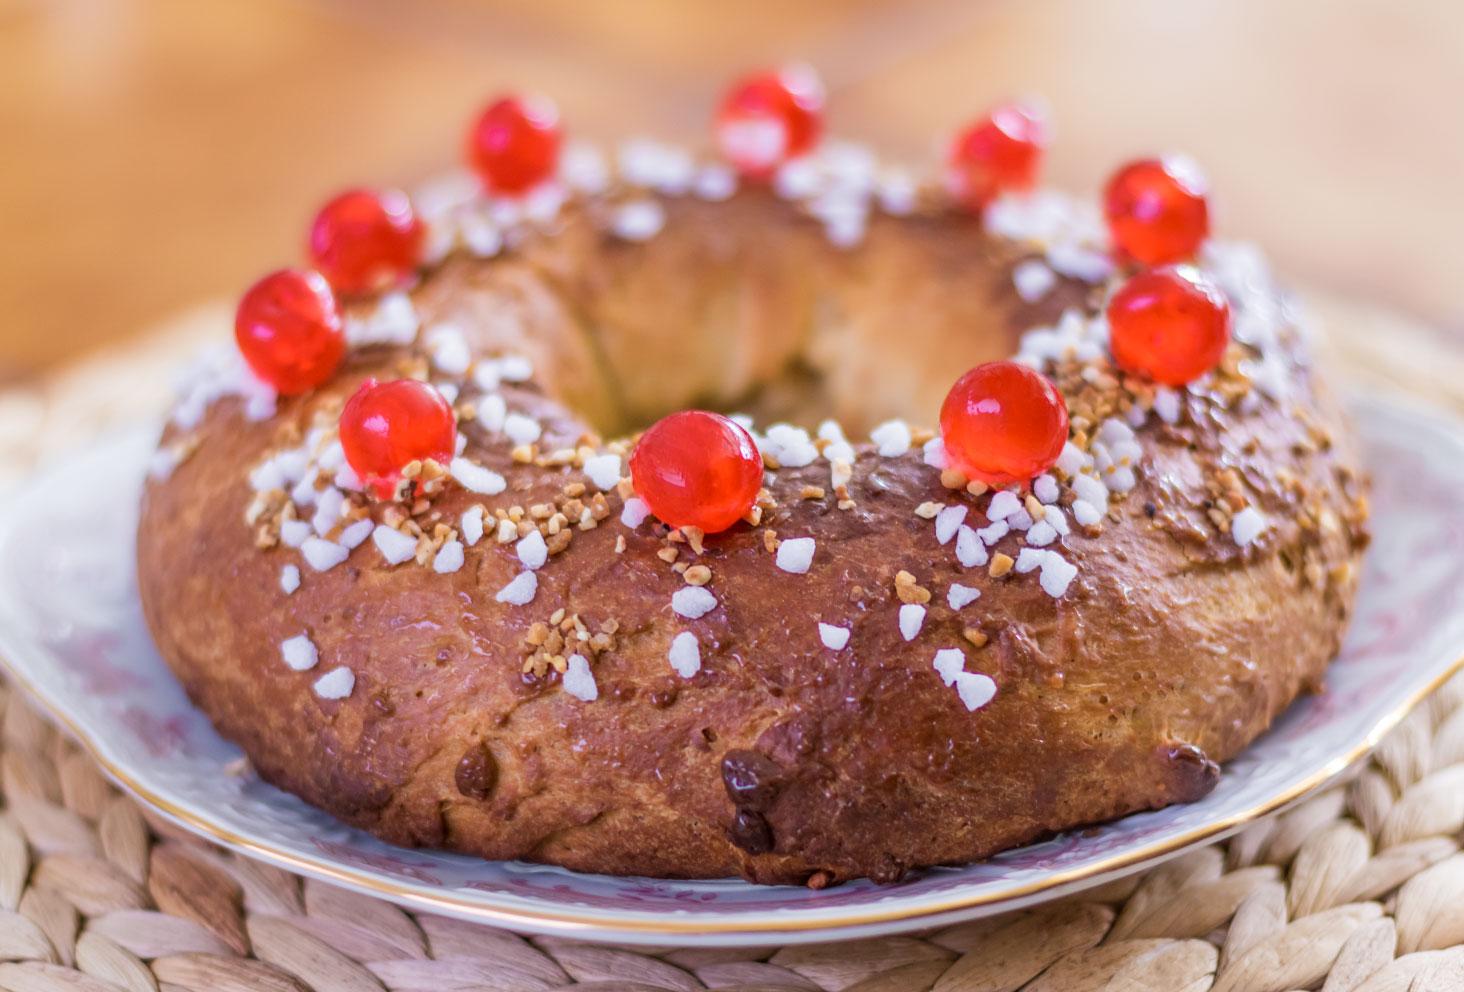 La couronne des rois au beurre de cacahuètes entière déposée dans une assiette blanche sur un set de table en rotin